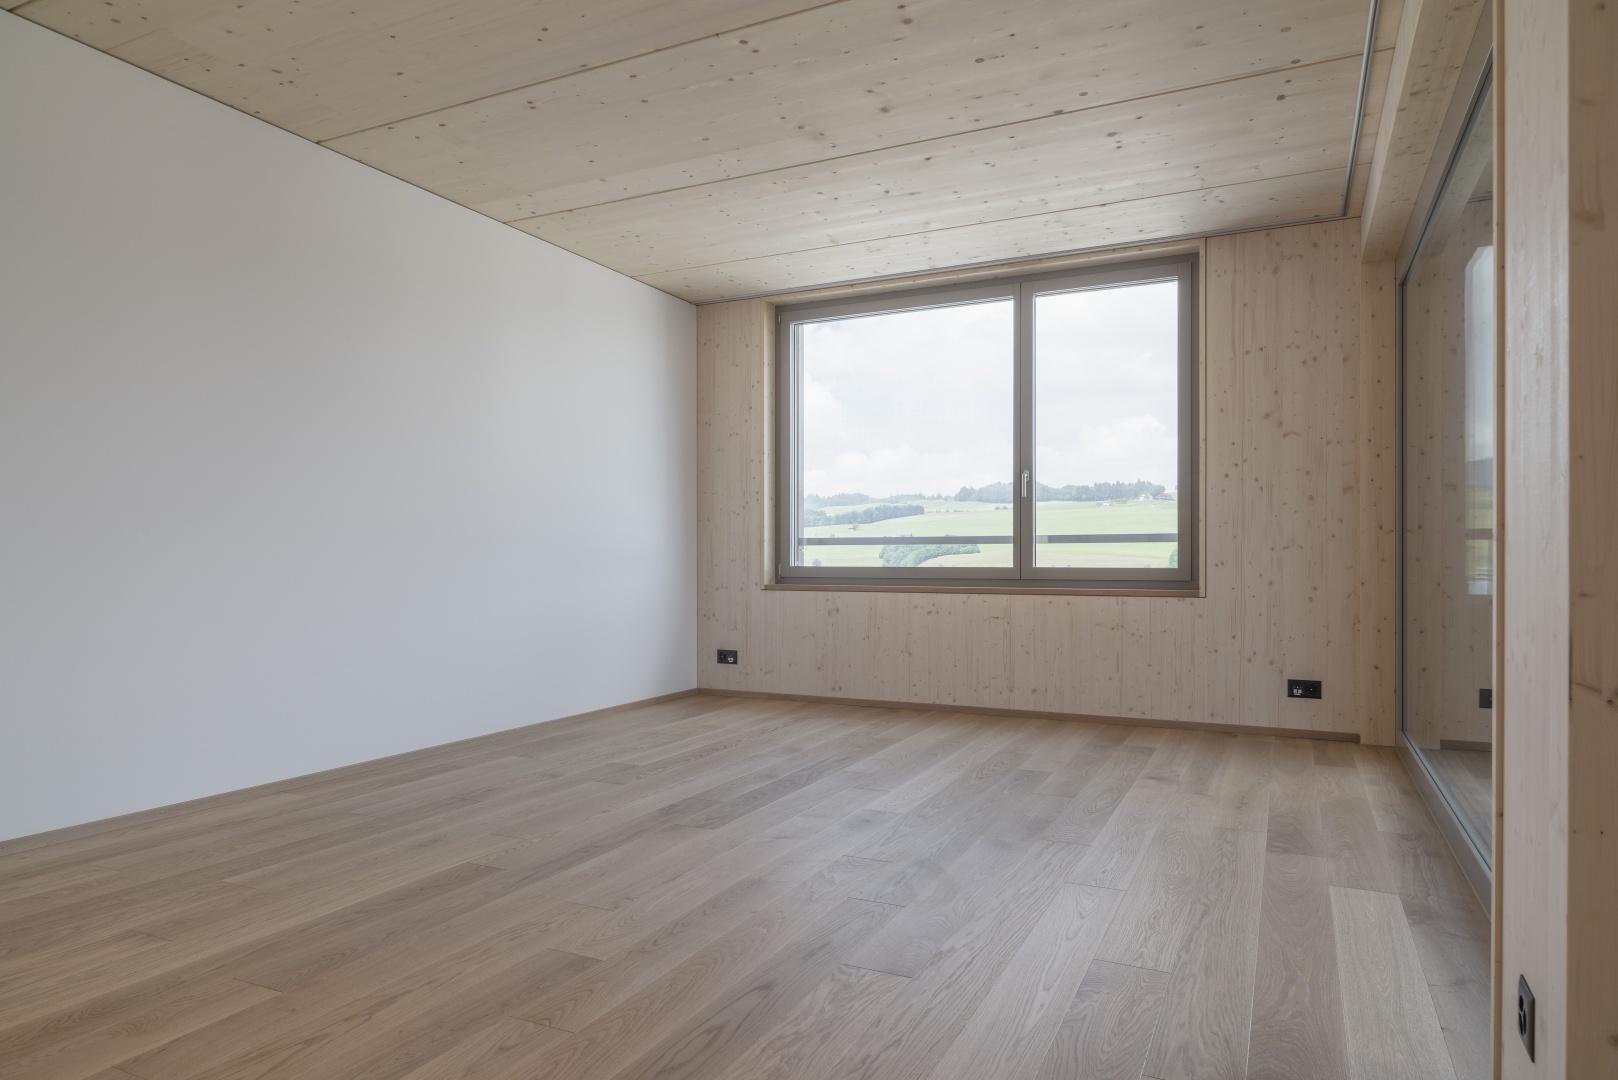 Zimmer © marty architektur ag / Stefan Zürrer